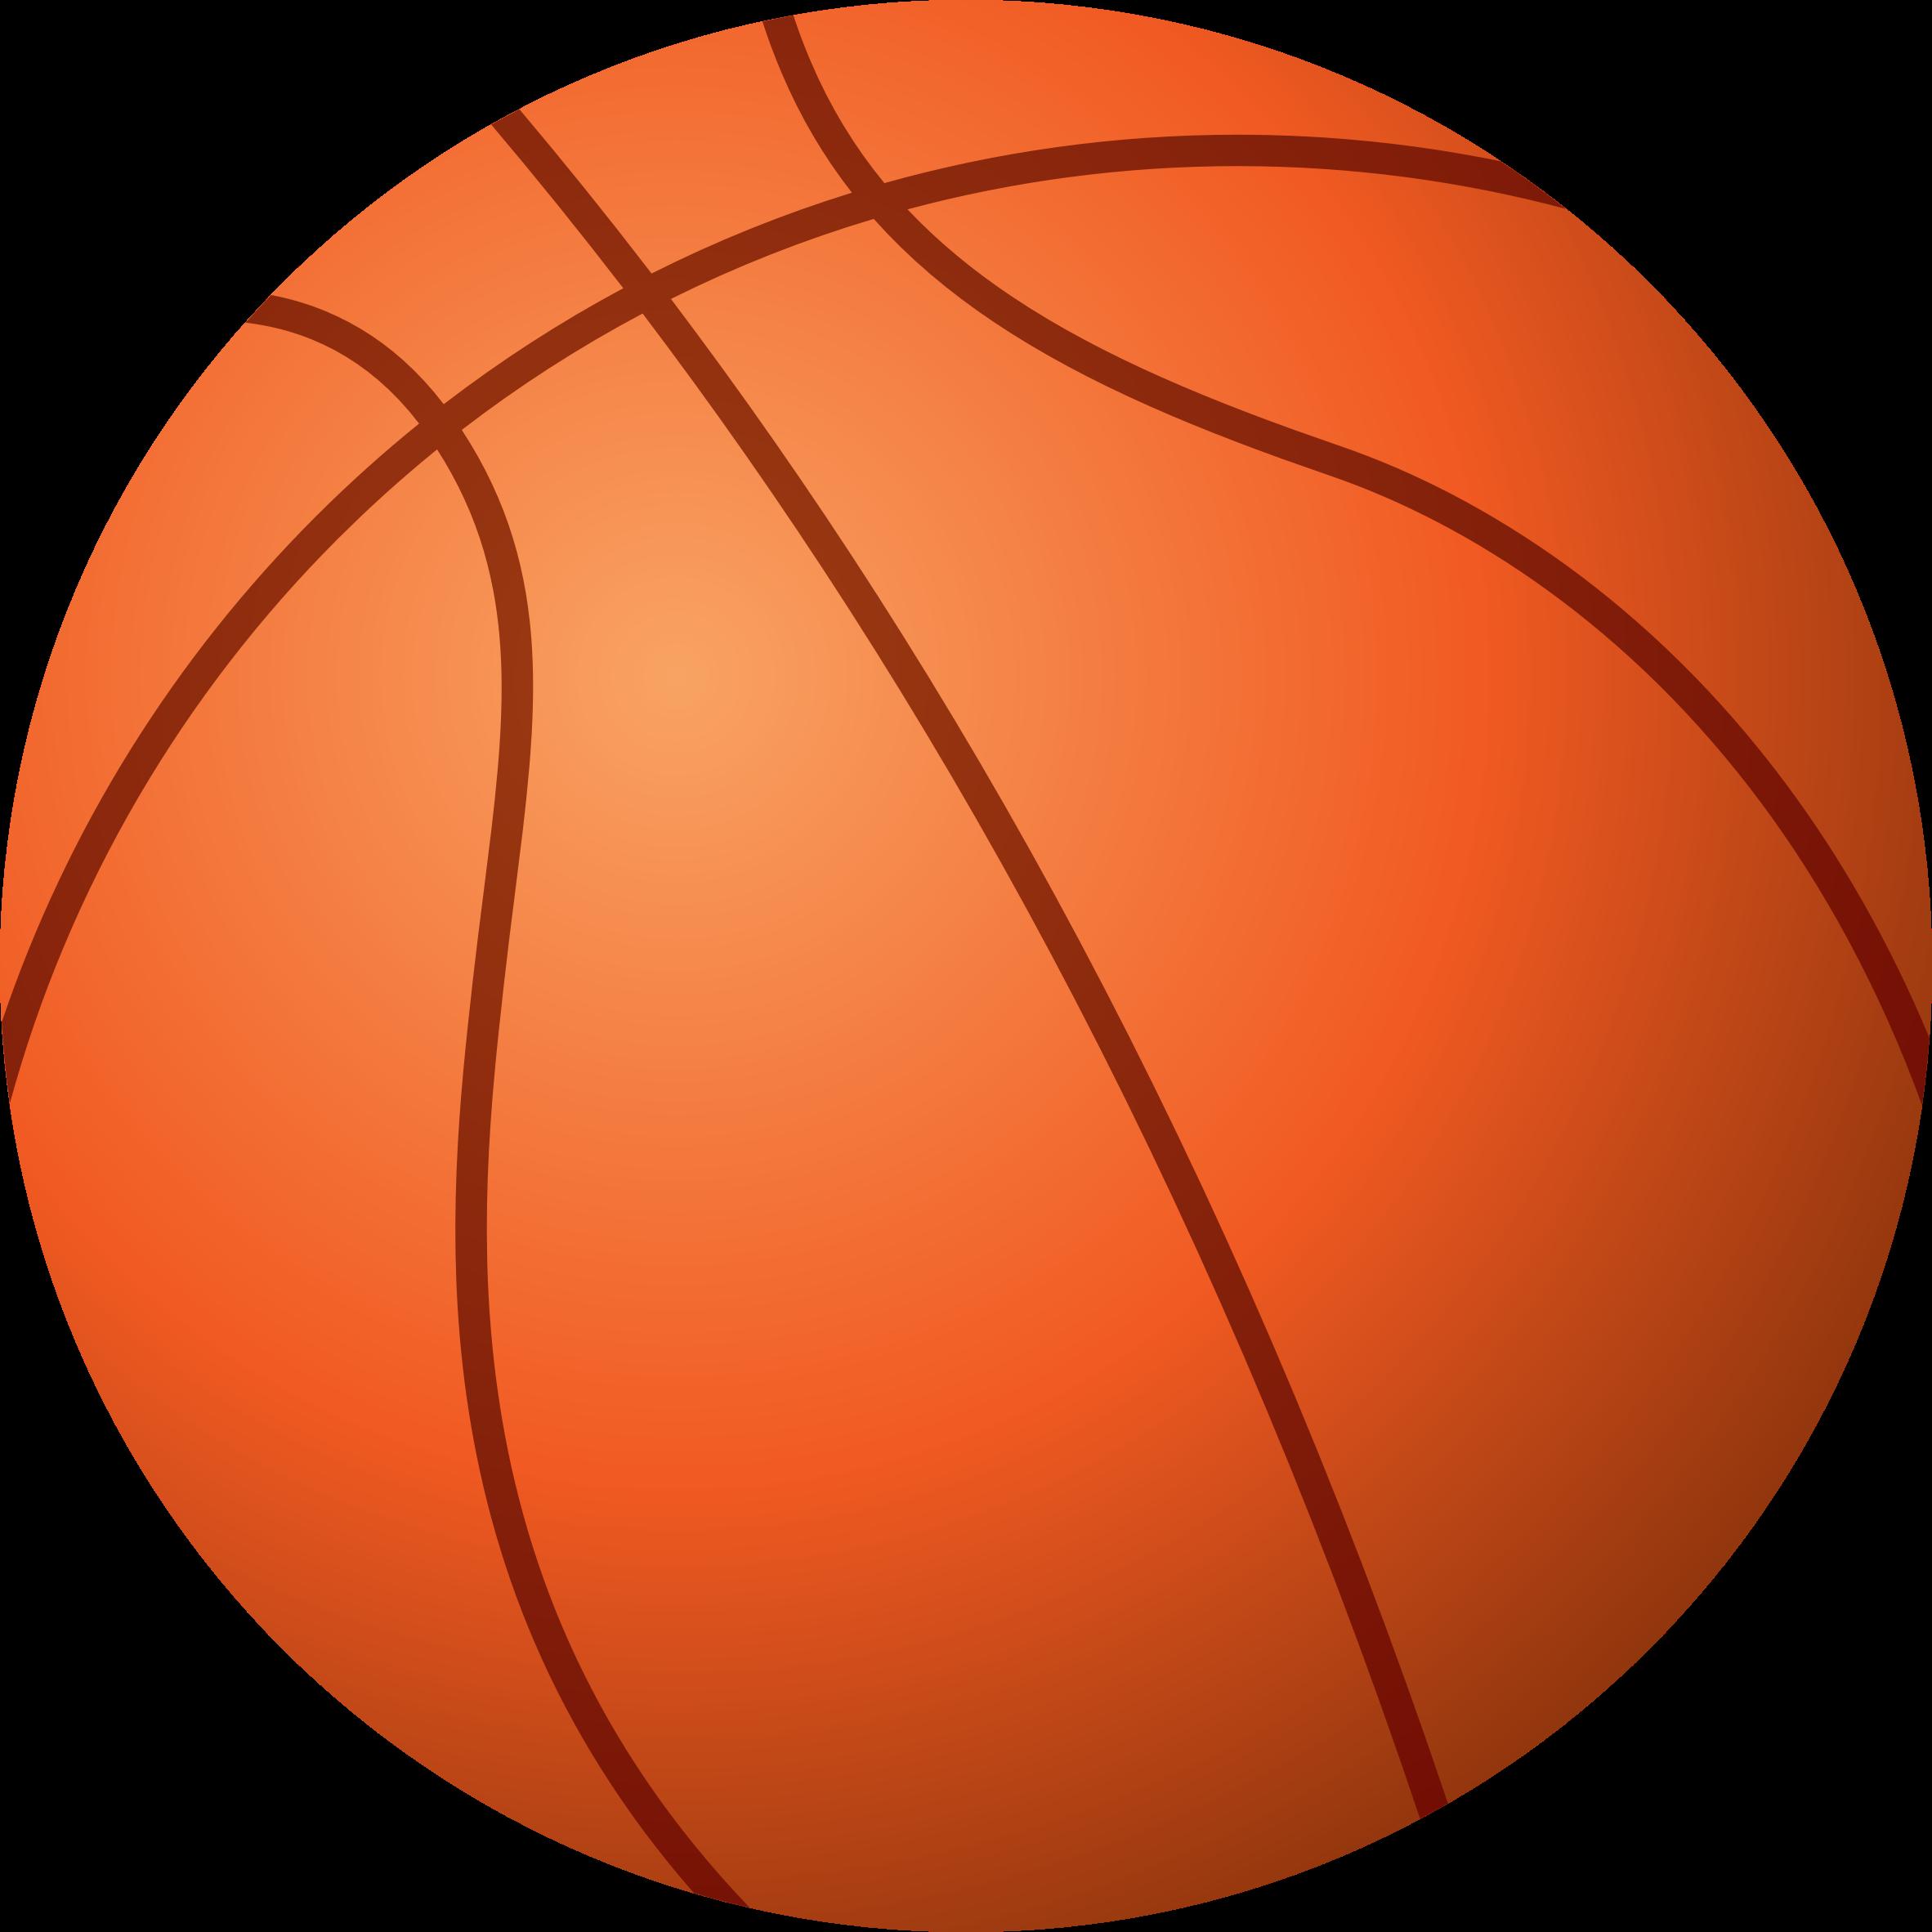 2364x2364 Basketball Vector Graphics Image